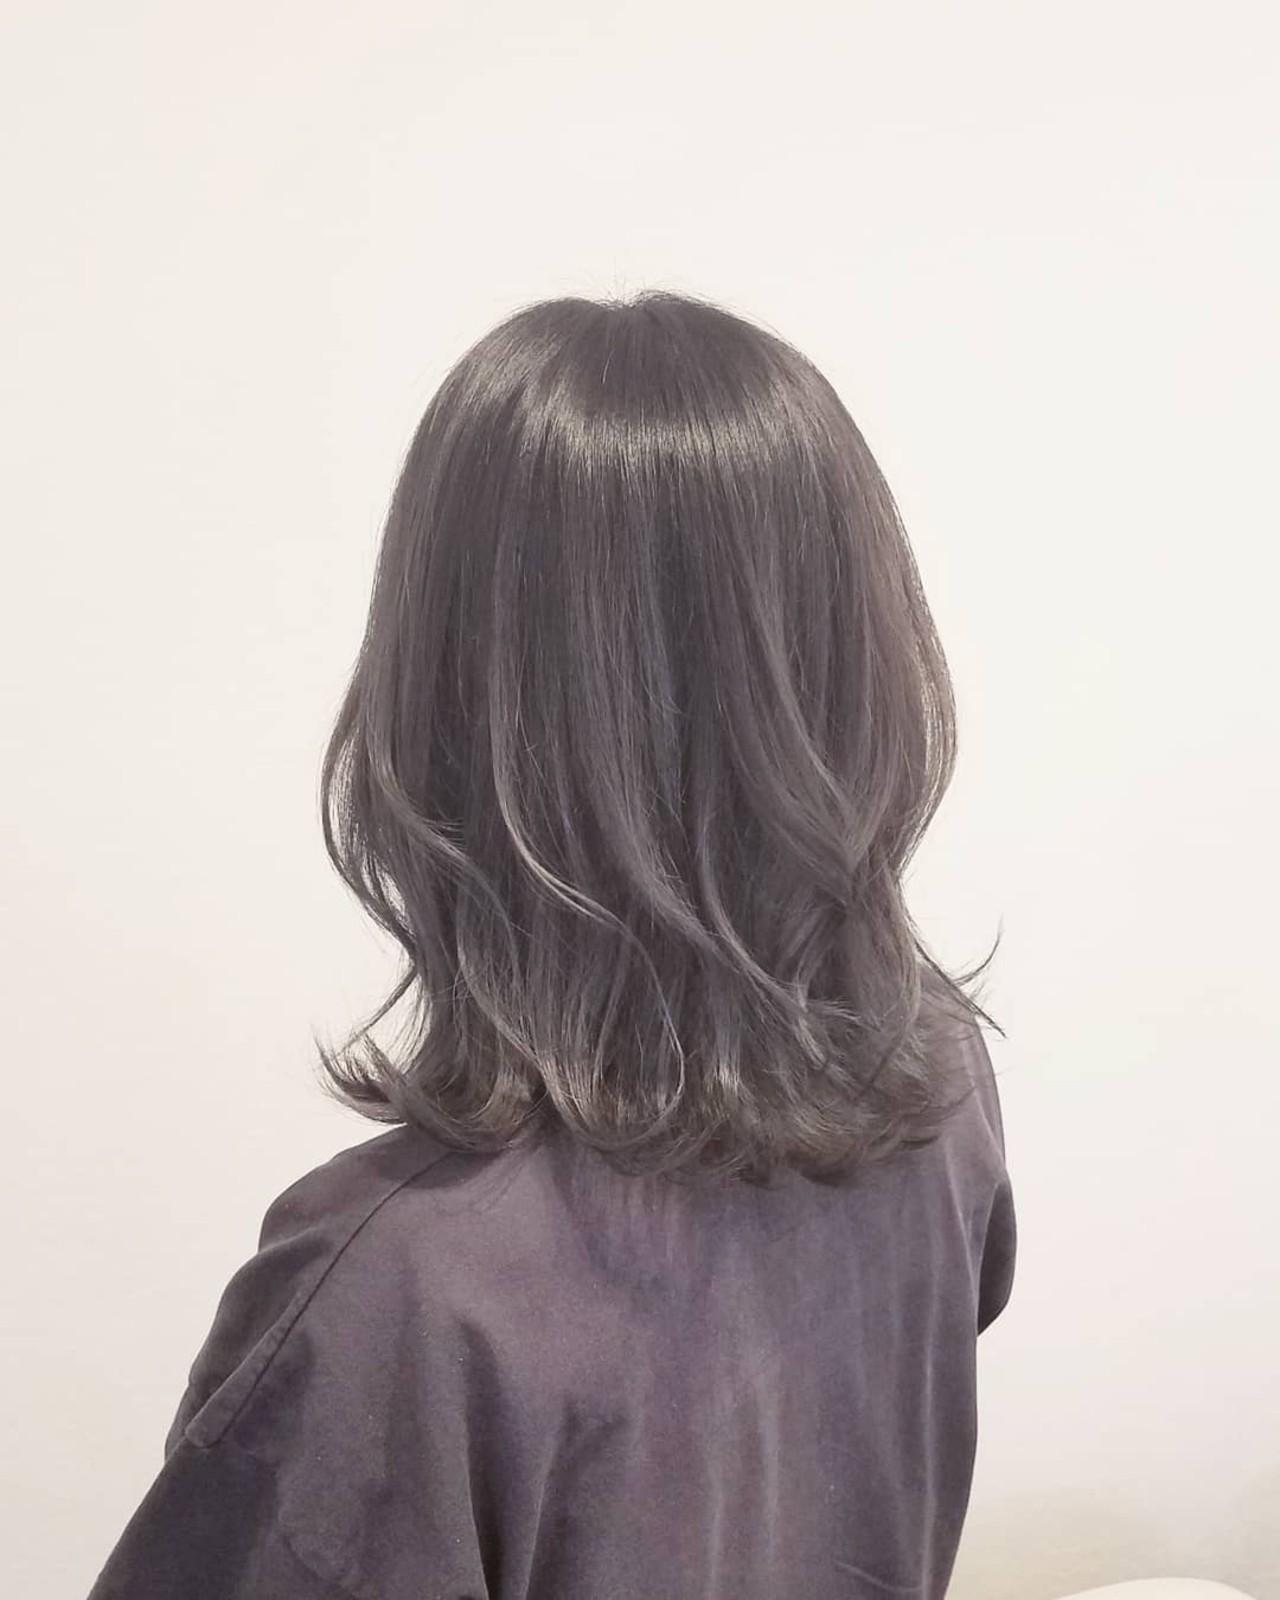 ナチュラル グレージュ 外国人風カラー アッシュ ヘアスタイルや髪型の写真・画像 | 浅原 有輝 / rough